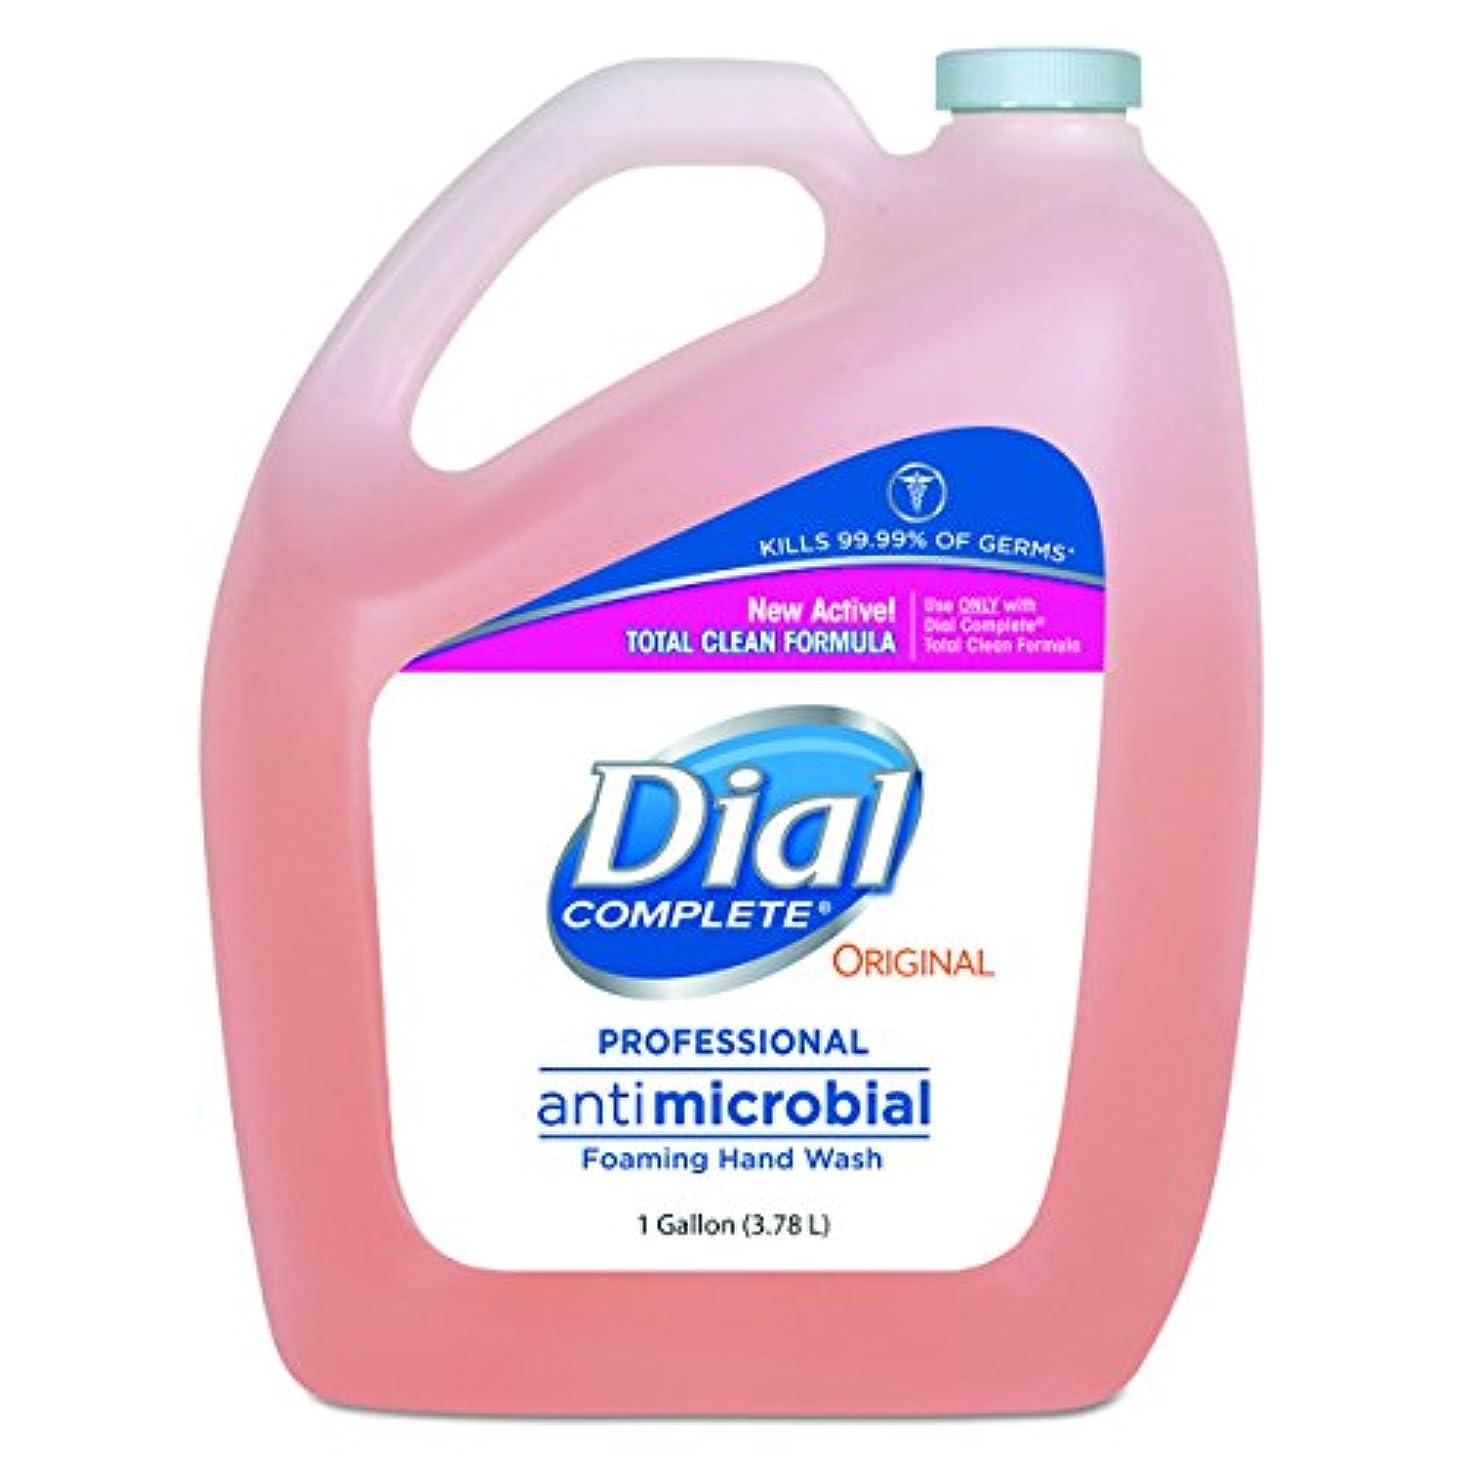 キャンペーン背骨スムーズにダイヤルProfessional抗菌Foaming Hand Soap、元香り, 1 gal。、4 /カートン